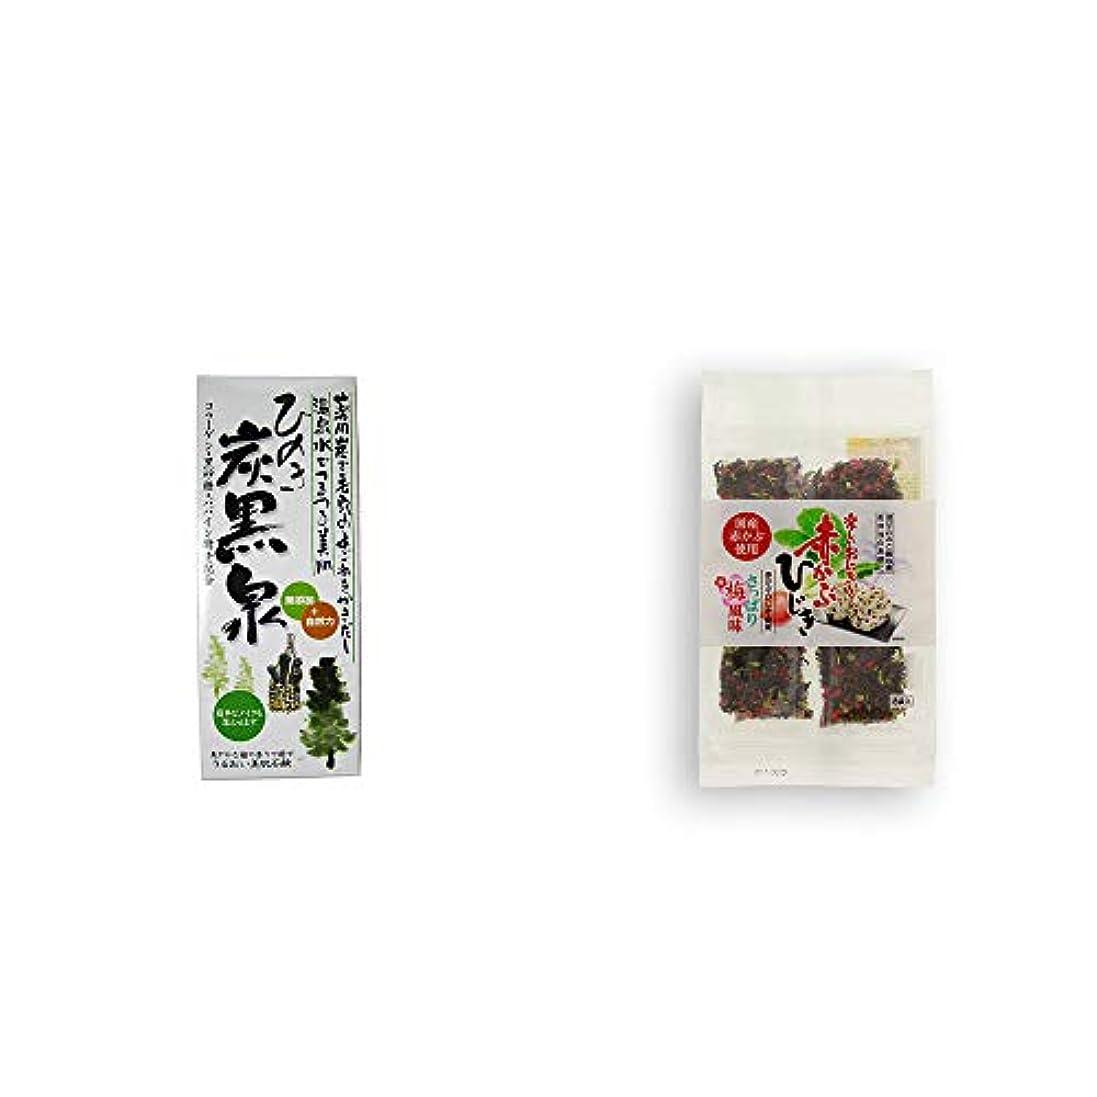 アンプ剃る収縮[2点セット] ひのき炭黒泉 箱入り(75g×3)?楽しいおにぎり 赤かぶひじき(8g×8袋)